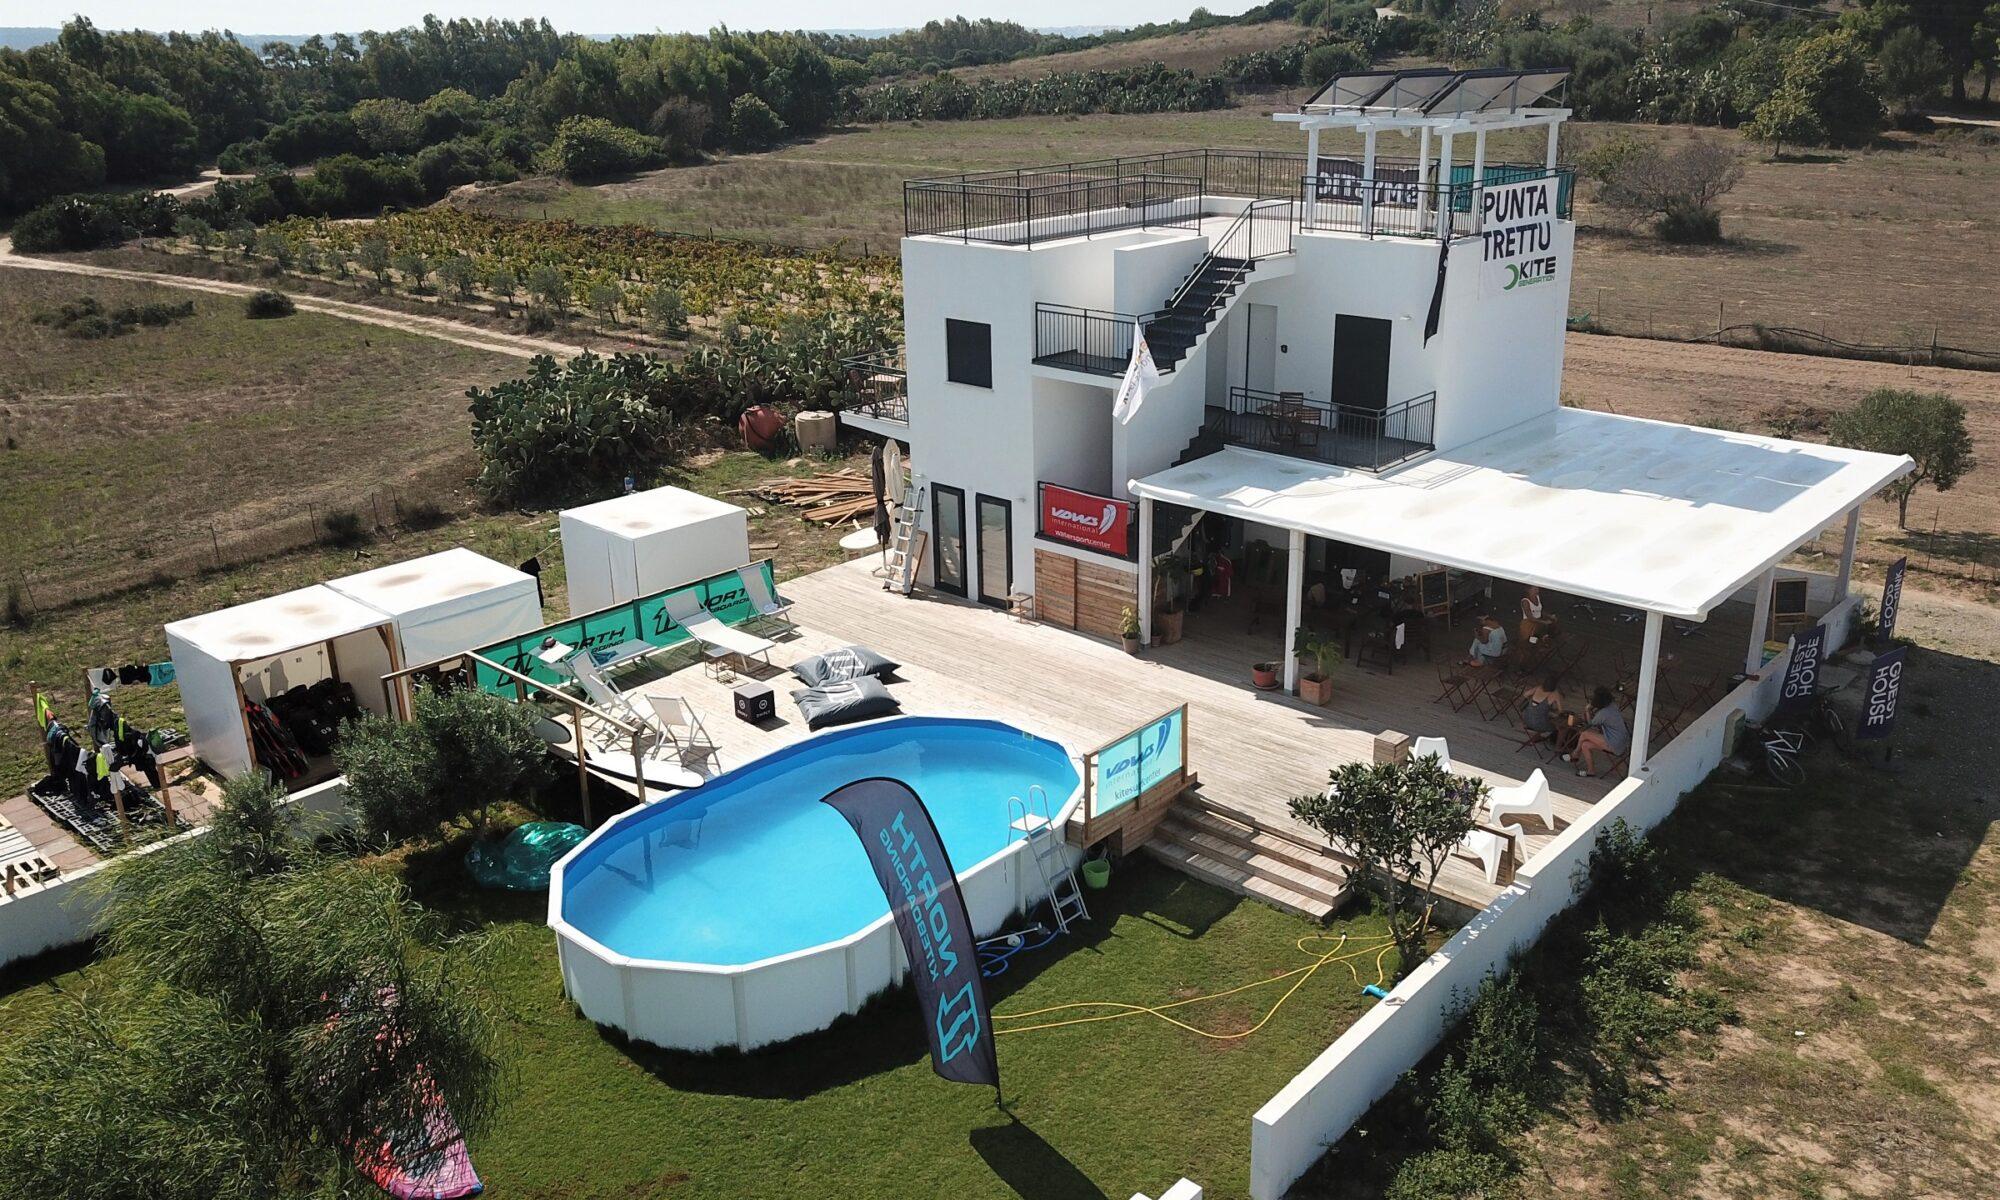 Punta Trettu Kite Center Sardinia and Kitesurf House